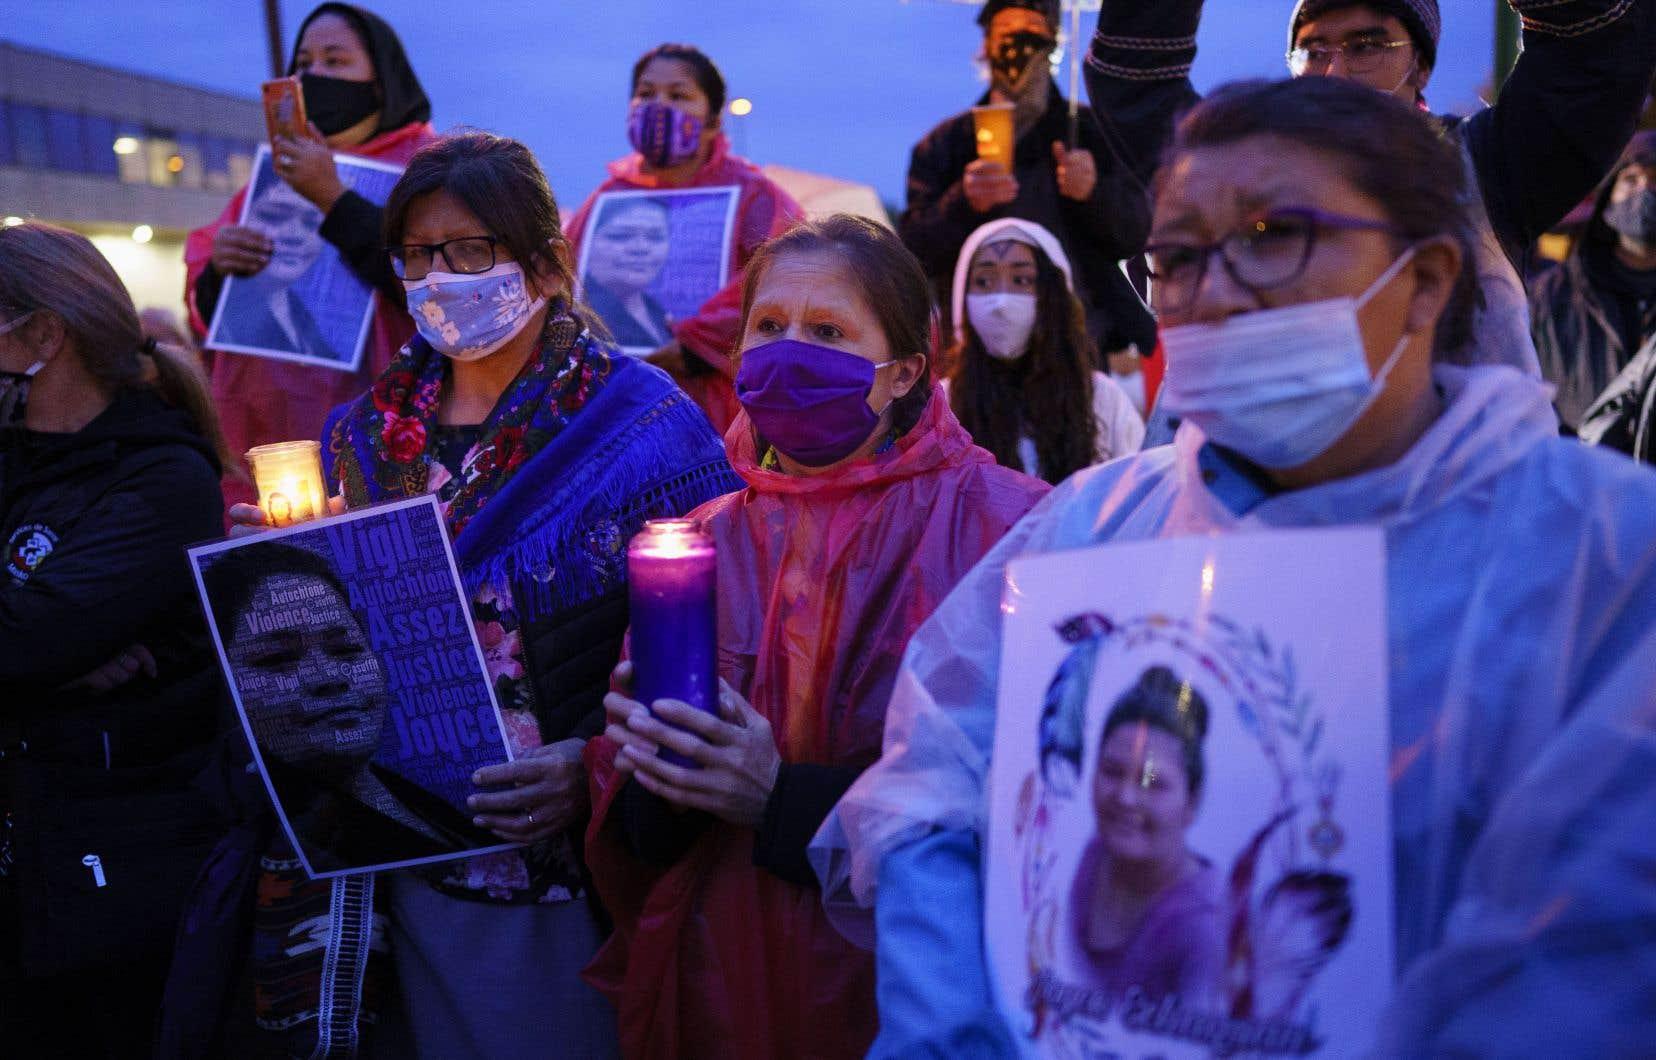 De nombreux témoignages de racisme vécu par la communauté attikamek à l'hôpital de Joliette — où est décédée Joyce Echaquan le 28septembre — ont été documentés dans le rapport de la commission Viens.